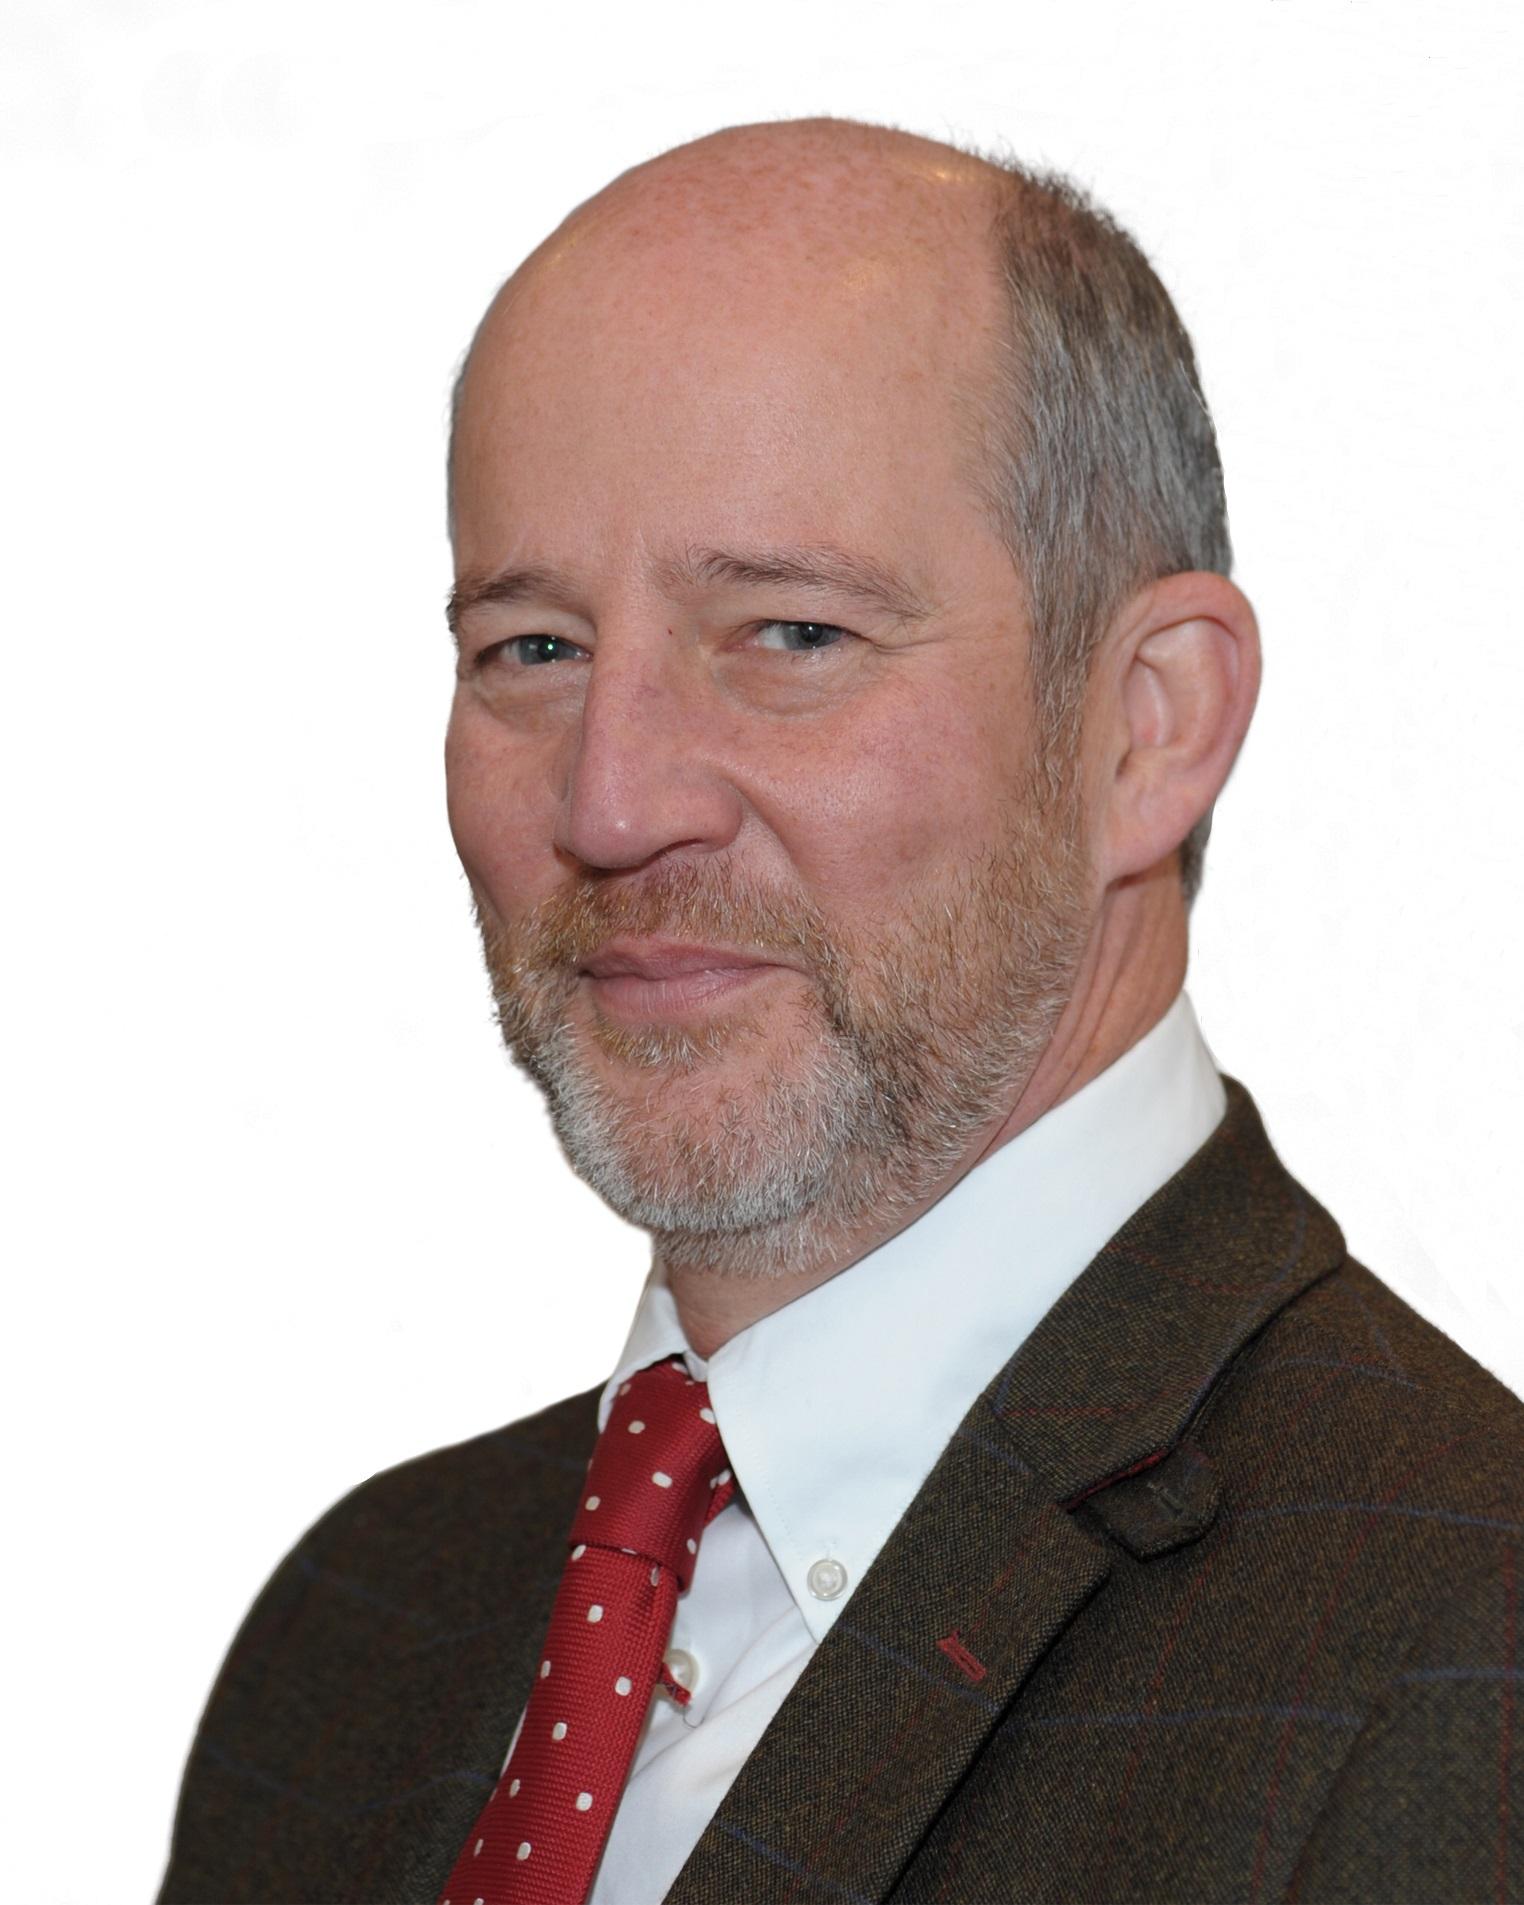 Colin Cornish